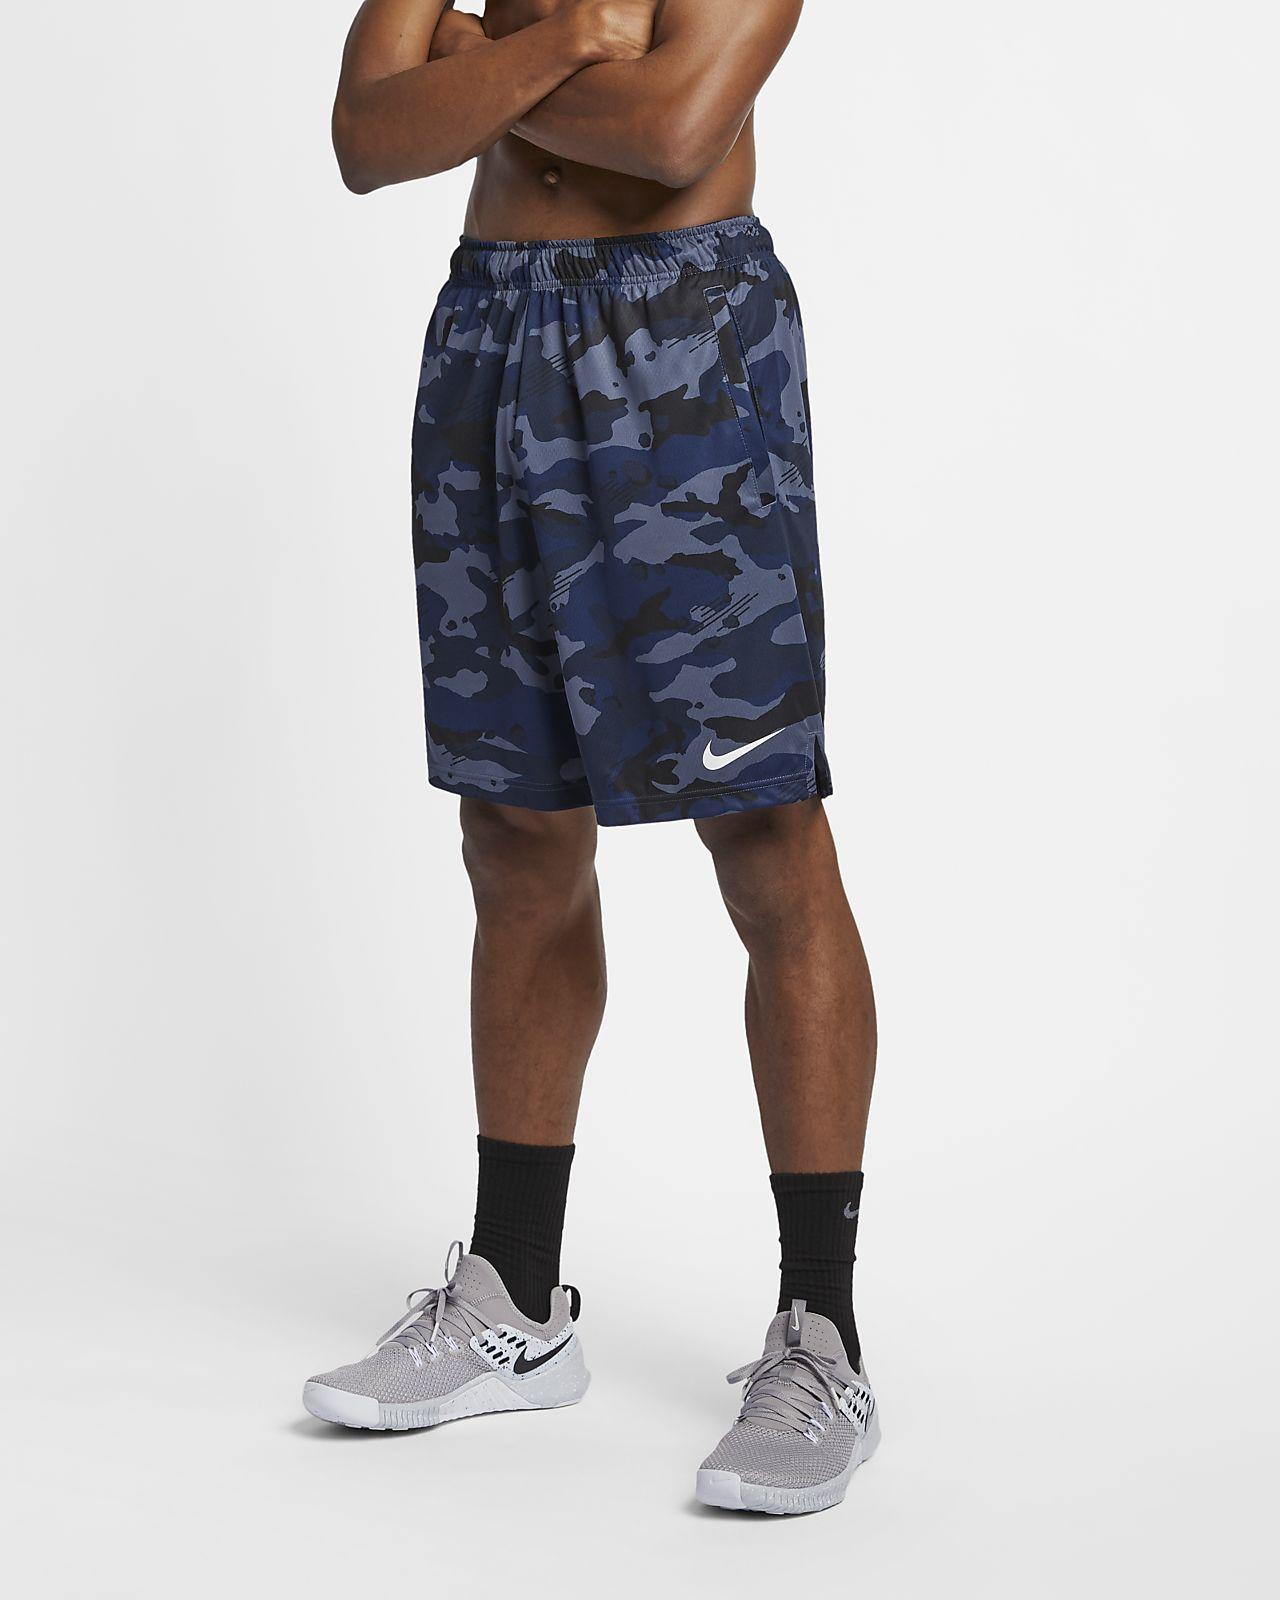 Maille Dri Fit Pour Nike Training Homme Short Camouflage De En f66ISq 3f338faaf0c